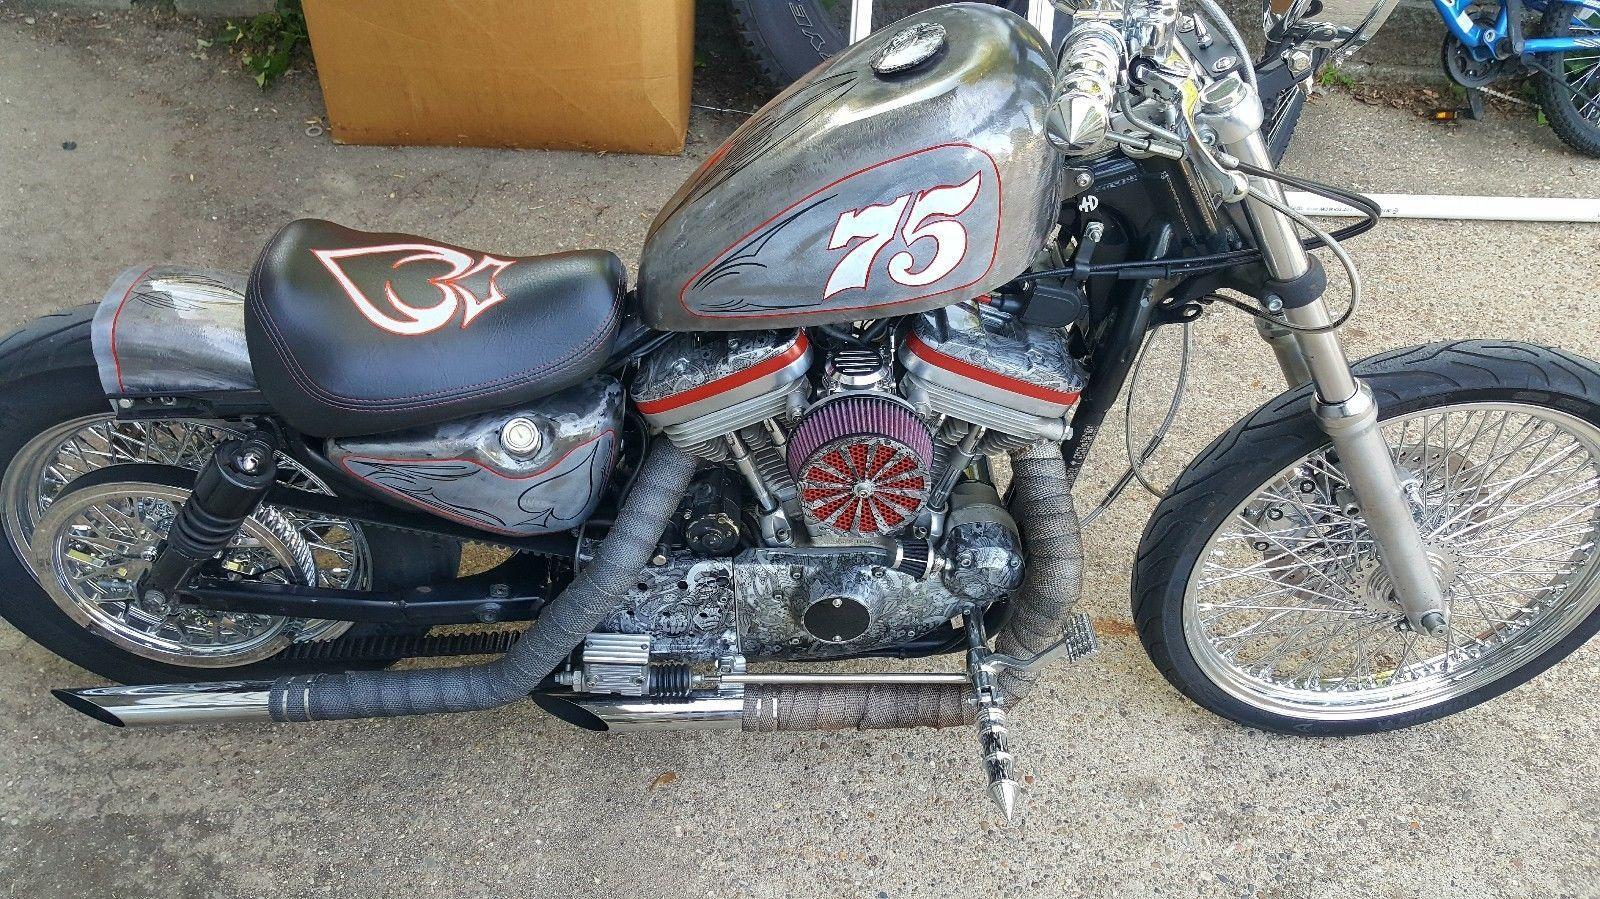 EBay 1990 Harley Davidson Sportster 1200 Harleydavidson